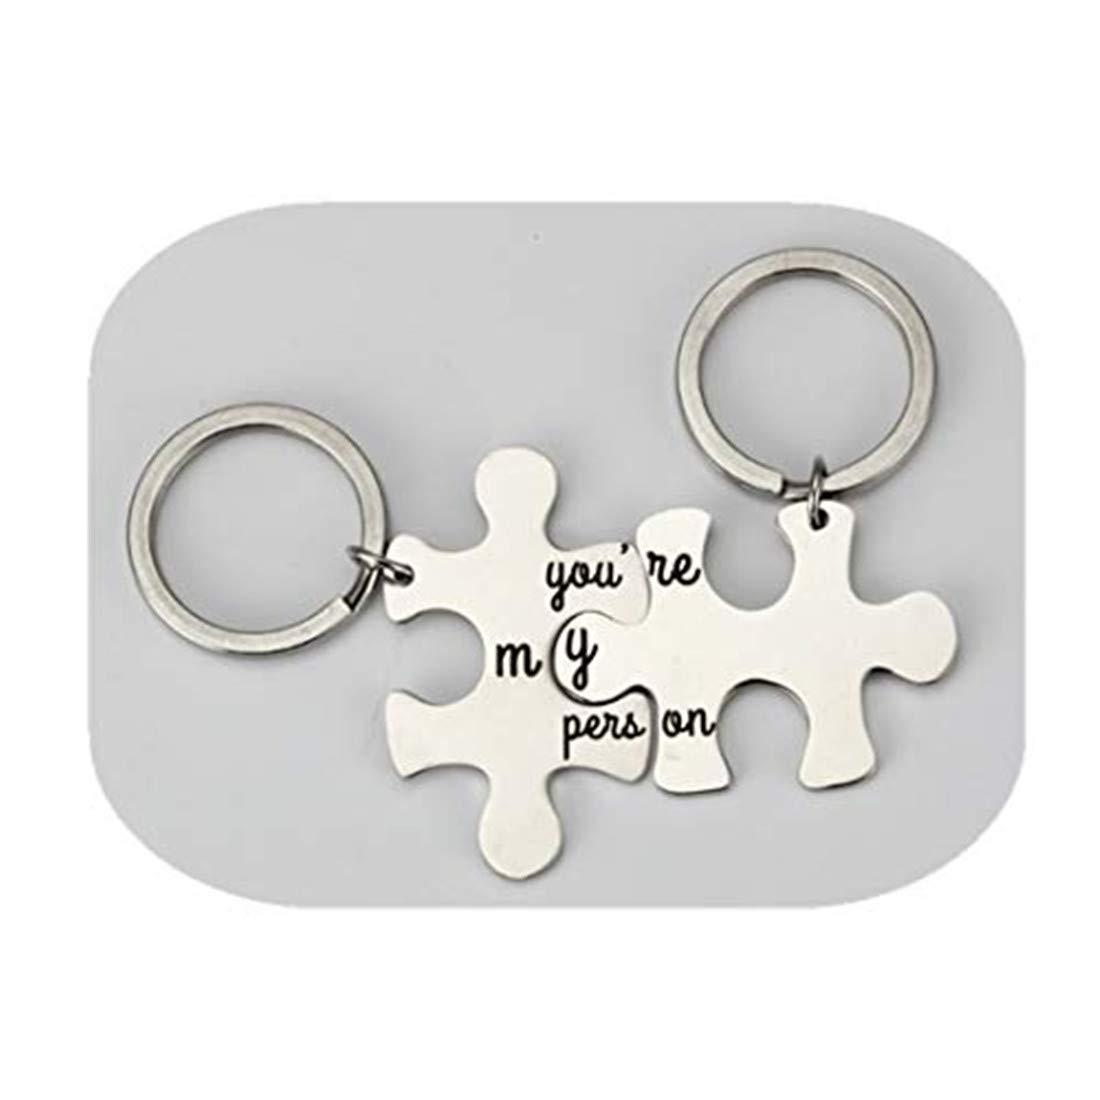 cadeau danniversaire//cadeau K9Aroma Youre My personne Porte-cl/és ou un ensemble de pi/èces de puzzle